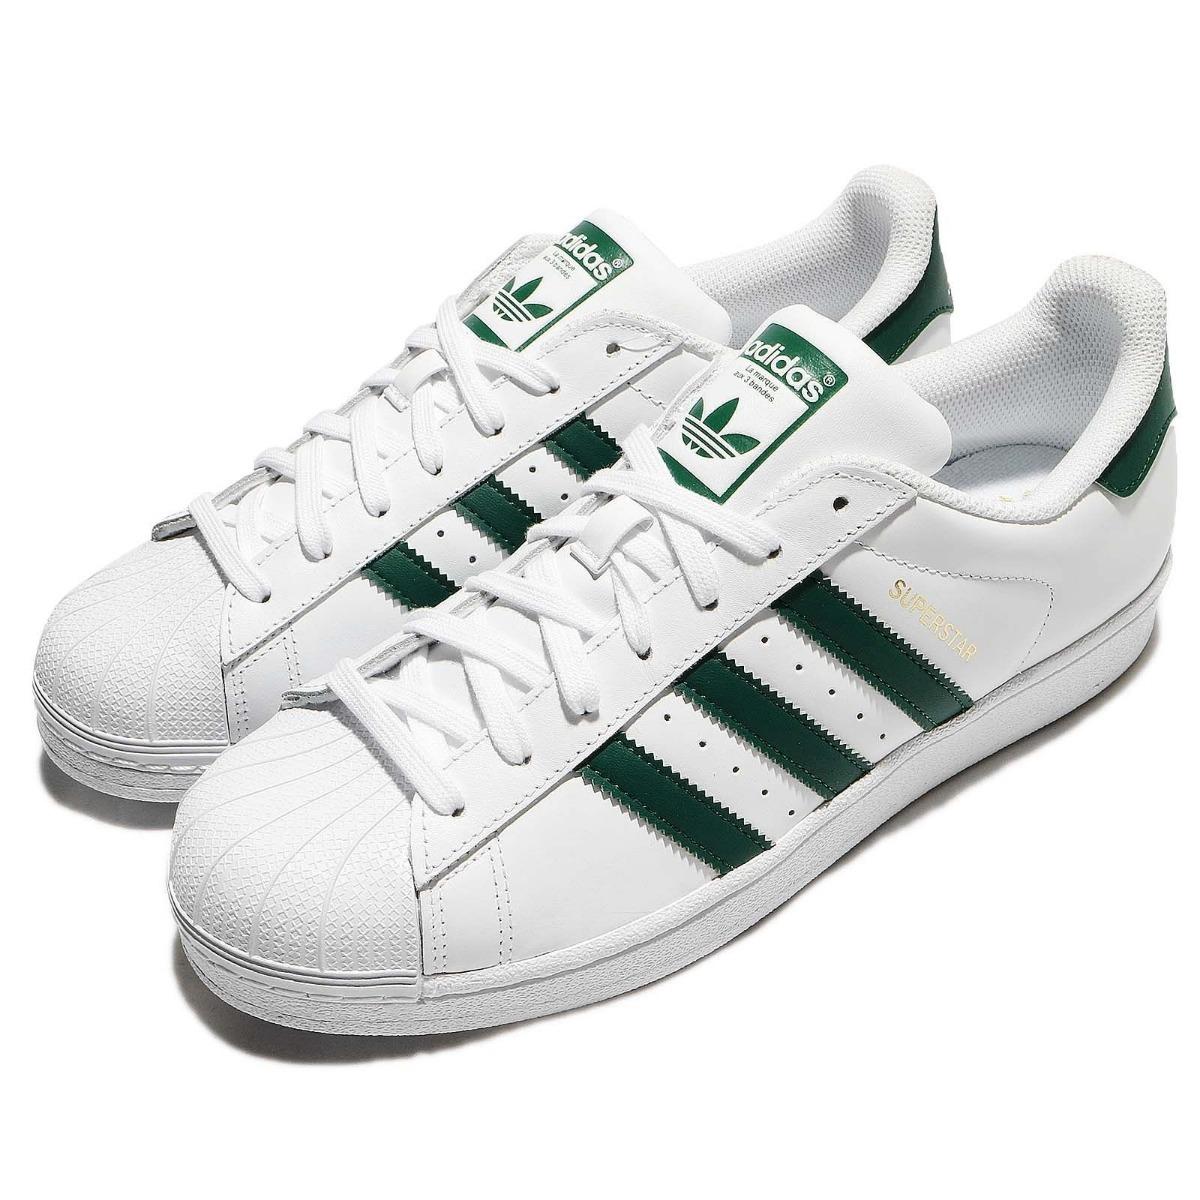 84fa24f2d8b20 Worldwide Online Retailer List zapatillas adidas superstar hombres urbanas  nuevas cm8081.